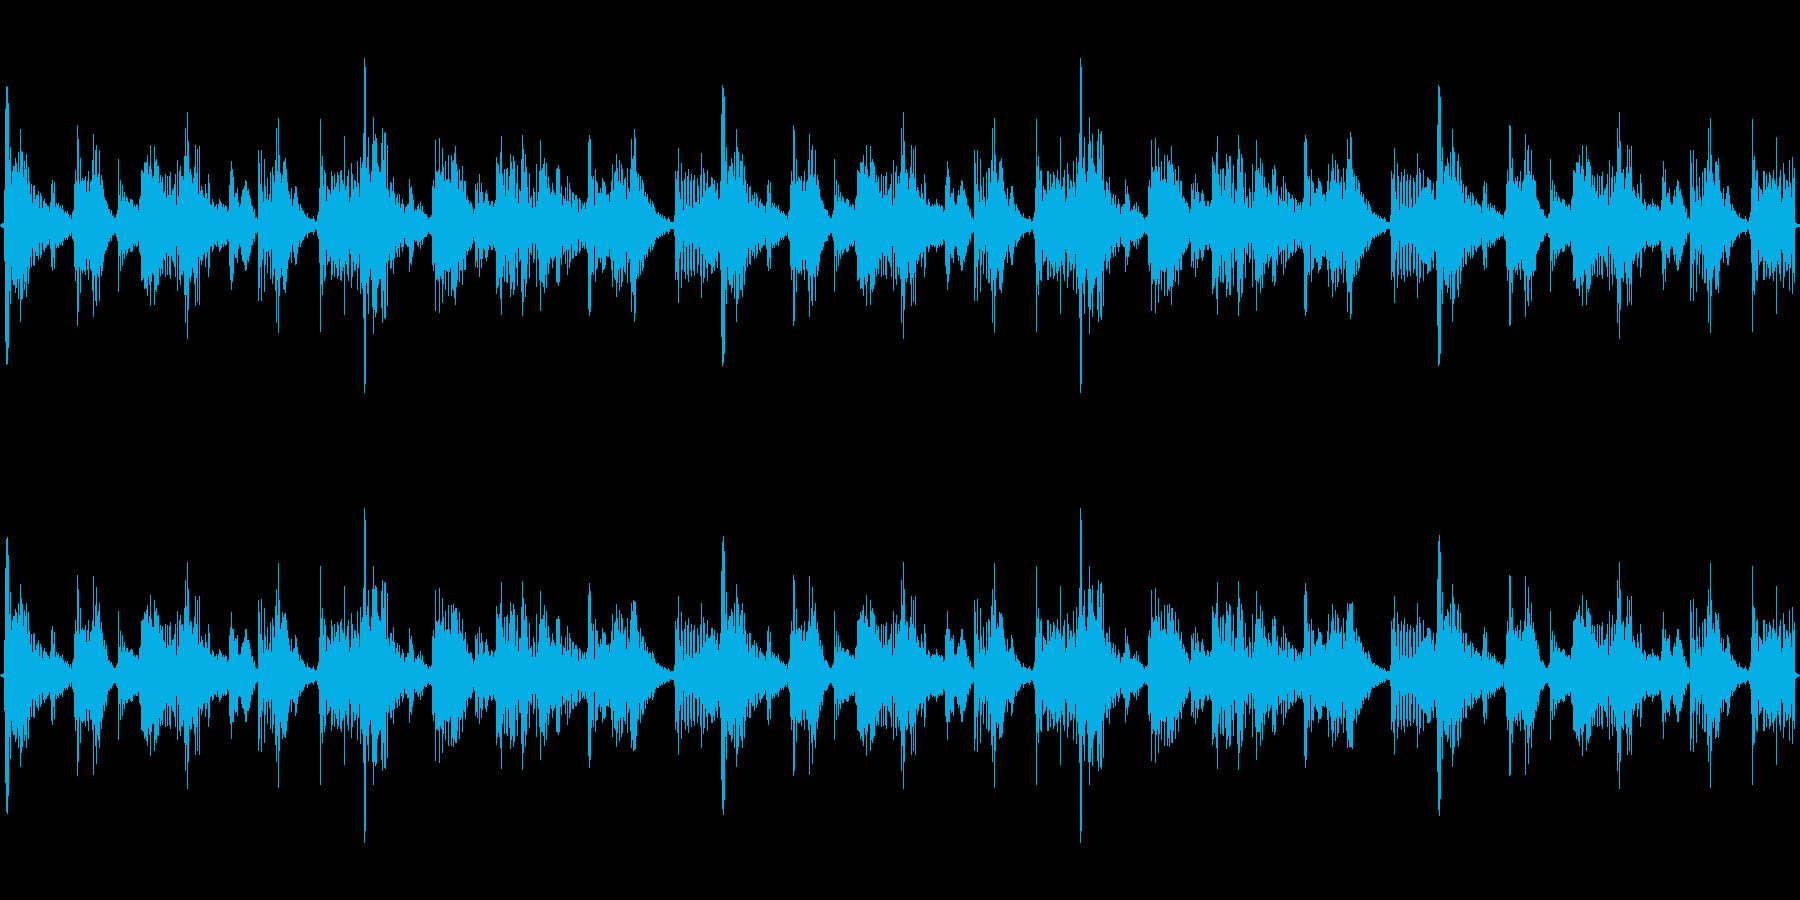 エキゾチックHip-Hopの再生済みの波形